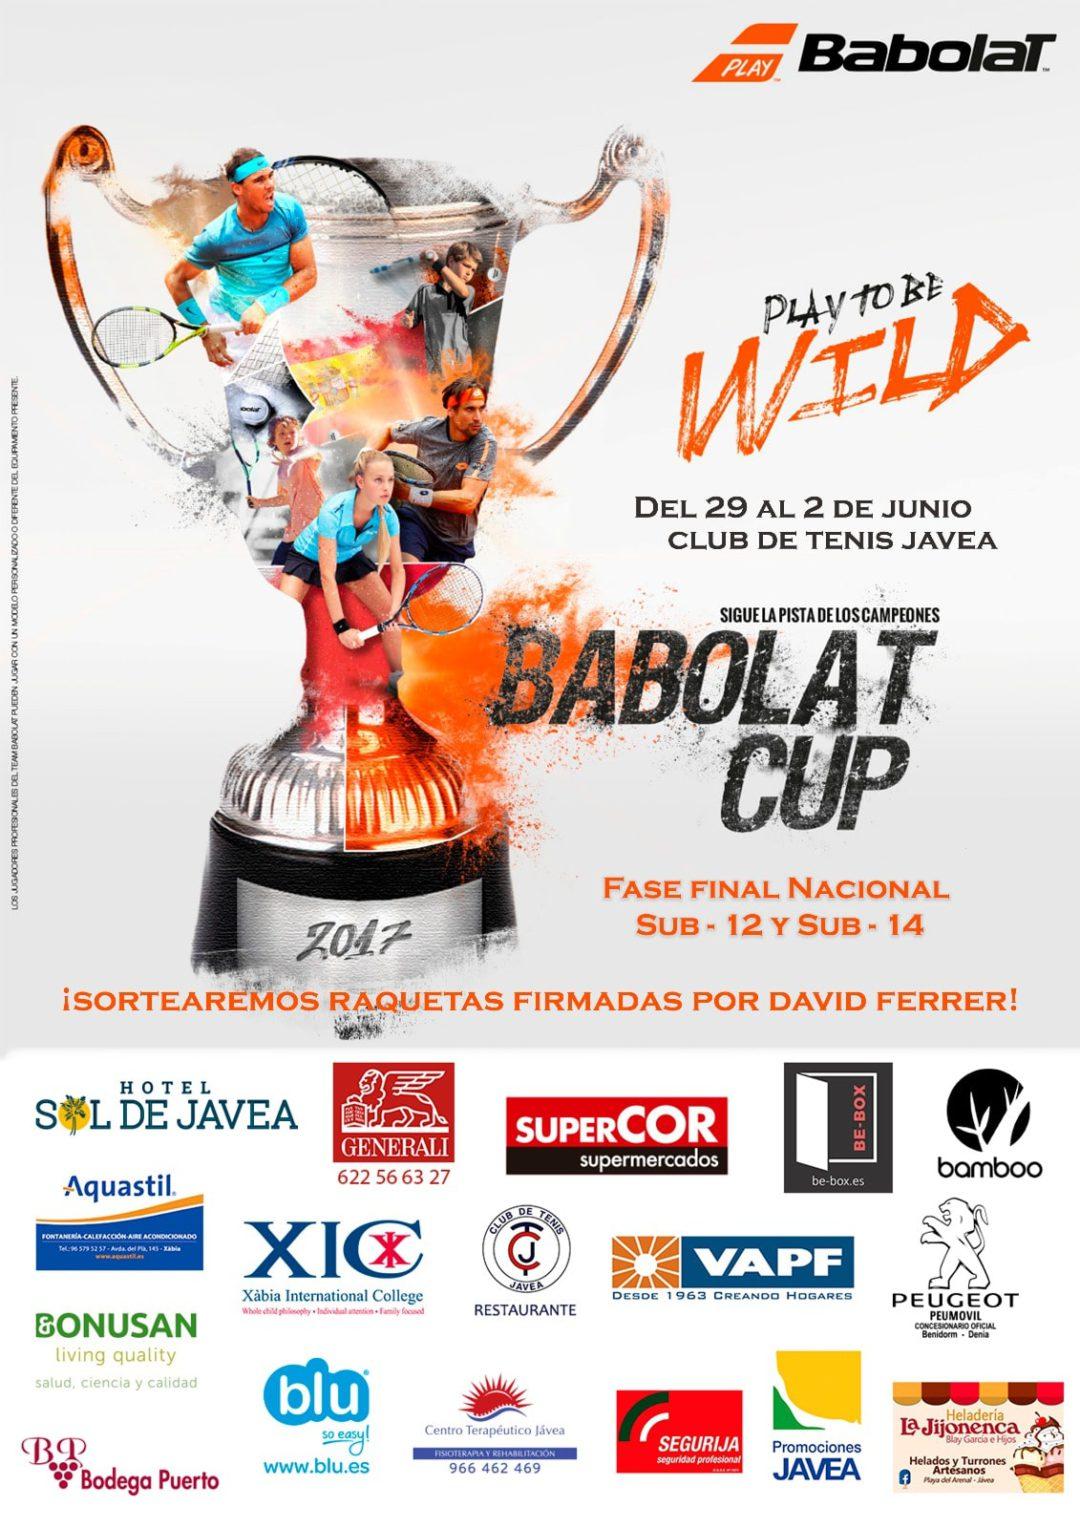 IV Trofeo Babolat Cup – Academia de Tenis David Ferrer Club de Tenis Jávea